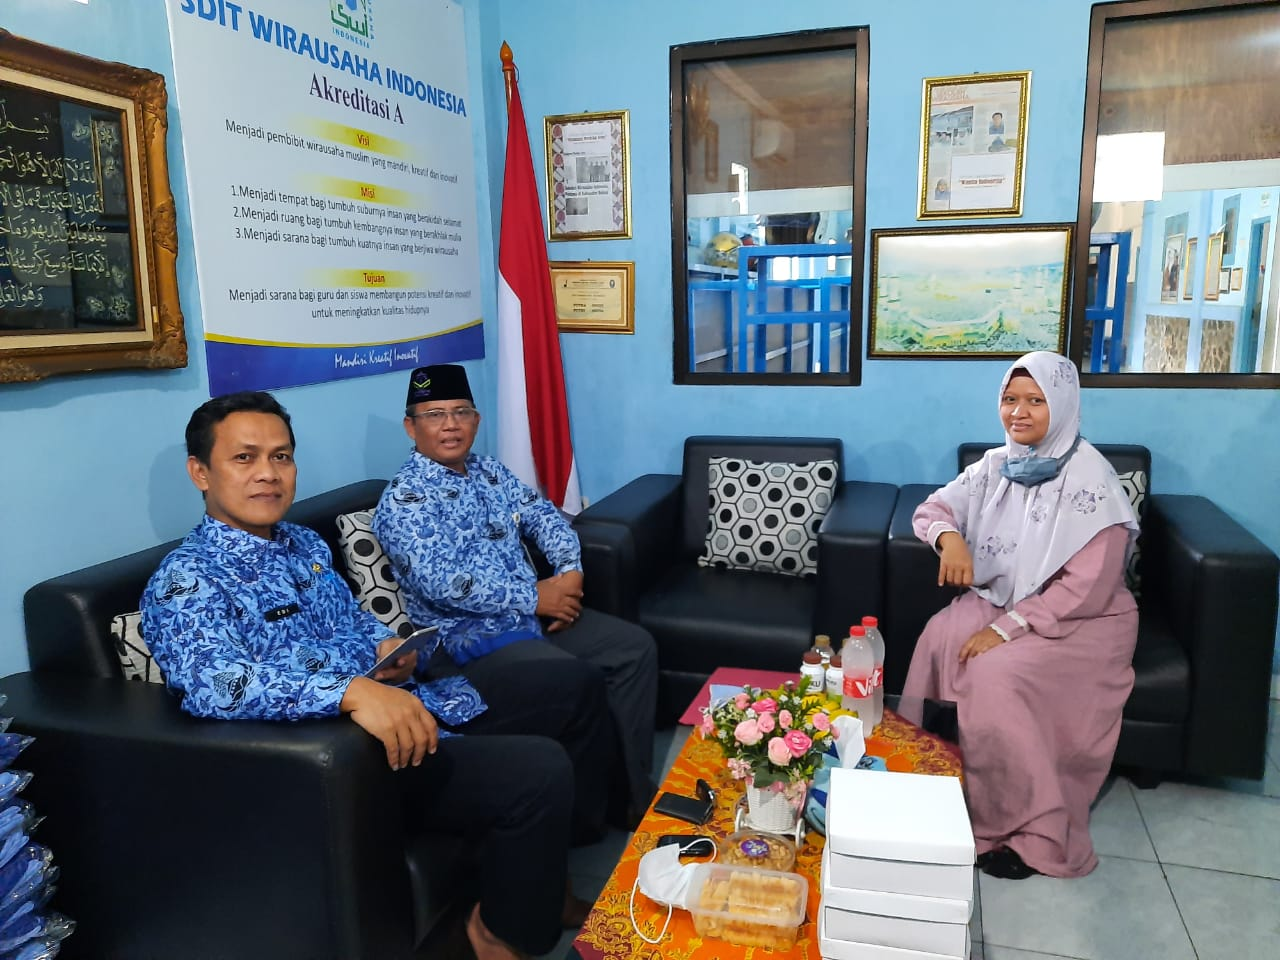 Kunjungan Dari Dinas Pendidikan untuk Perizinan SMPIT Wirausaha Indonesia